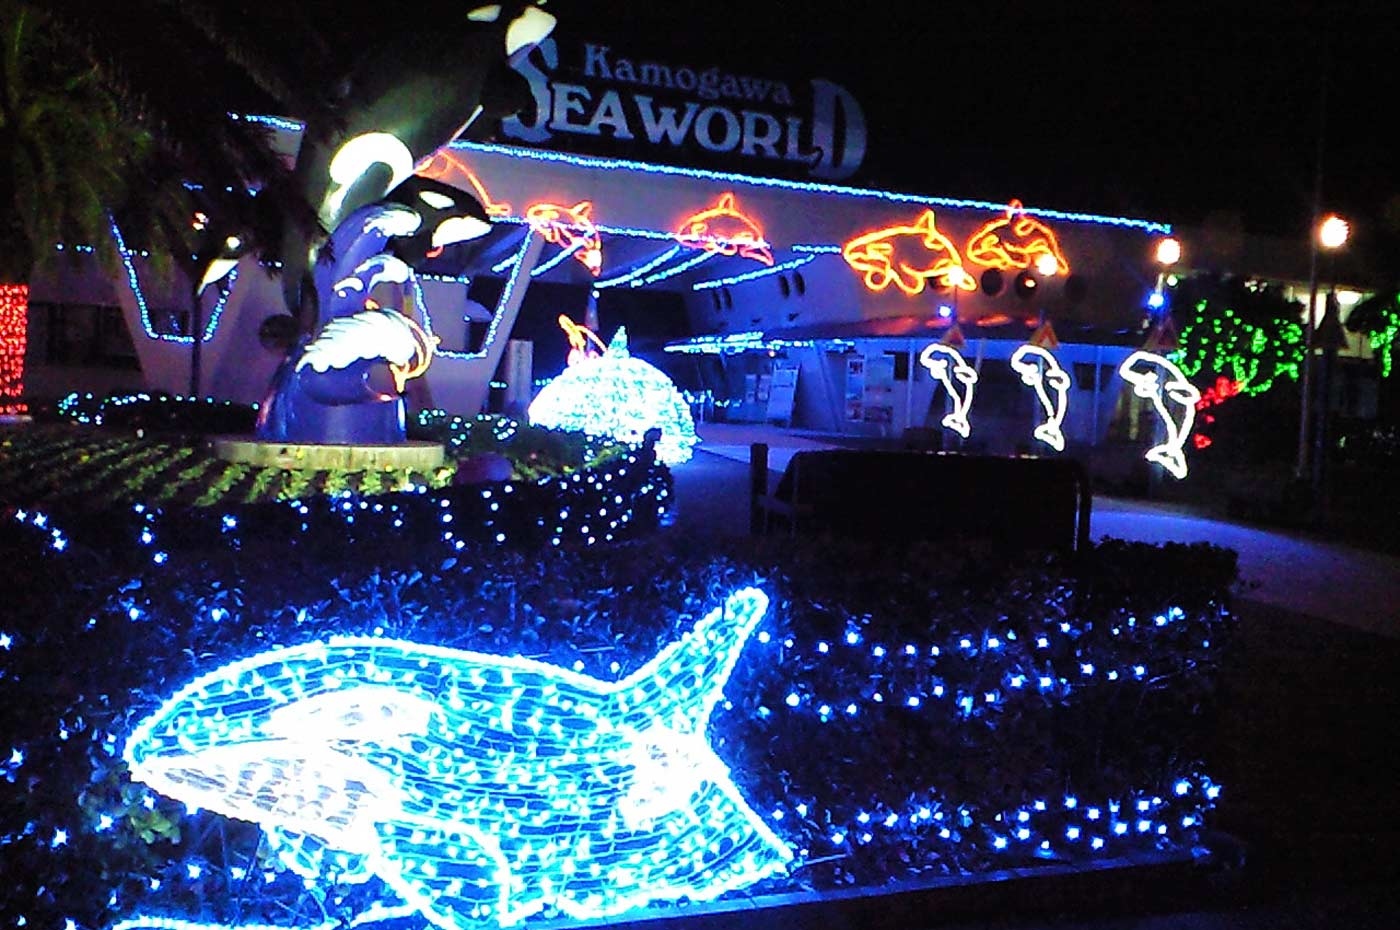 鴨川シーワールドの夜景